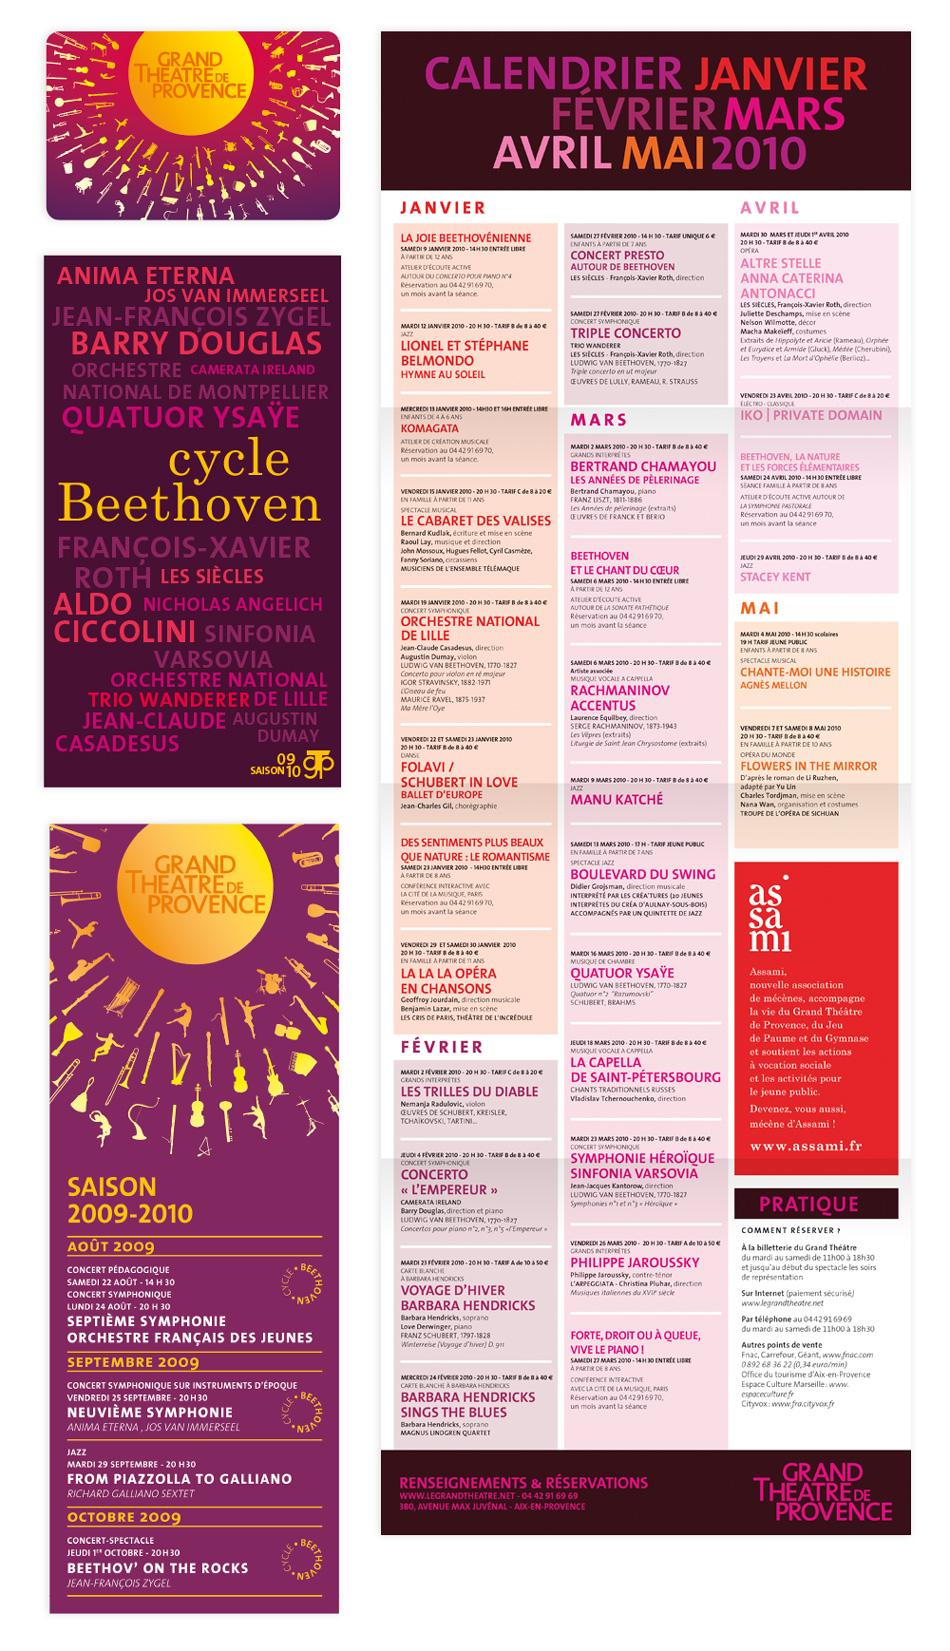 identité de saison 2009-2010 Grand theatre de provence